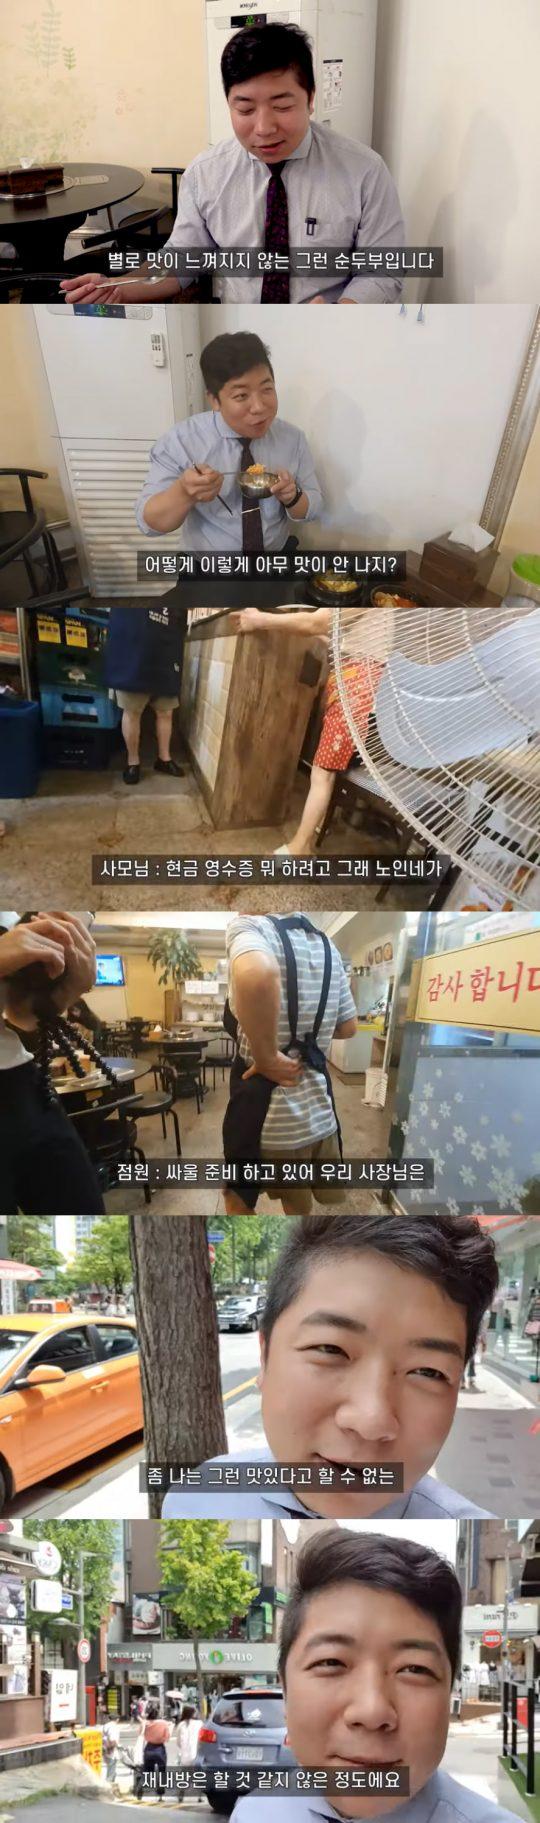 '임대표의 맛집탐방' 이대 백반집 방문. /사진=유튜브 캡처